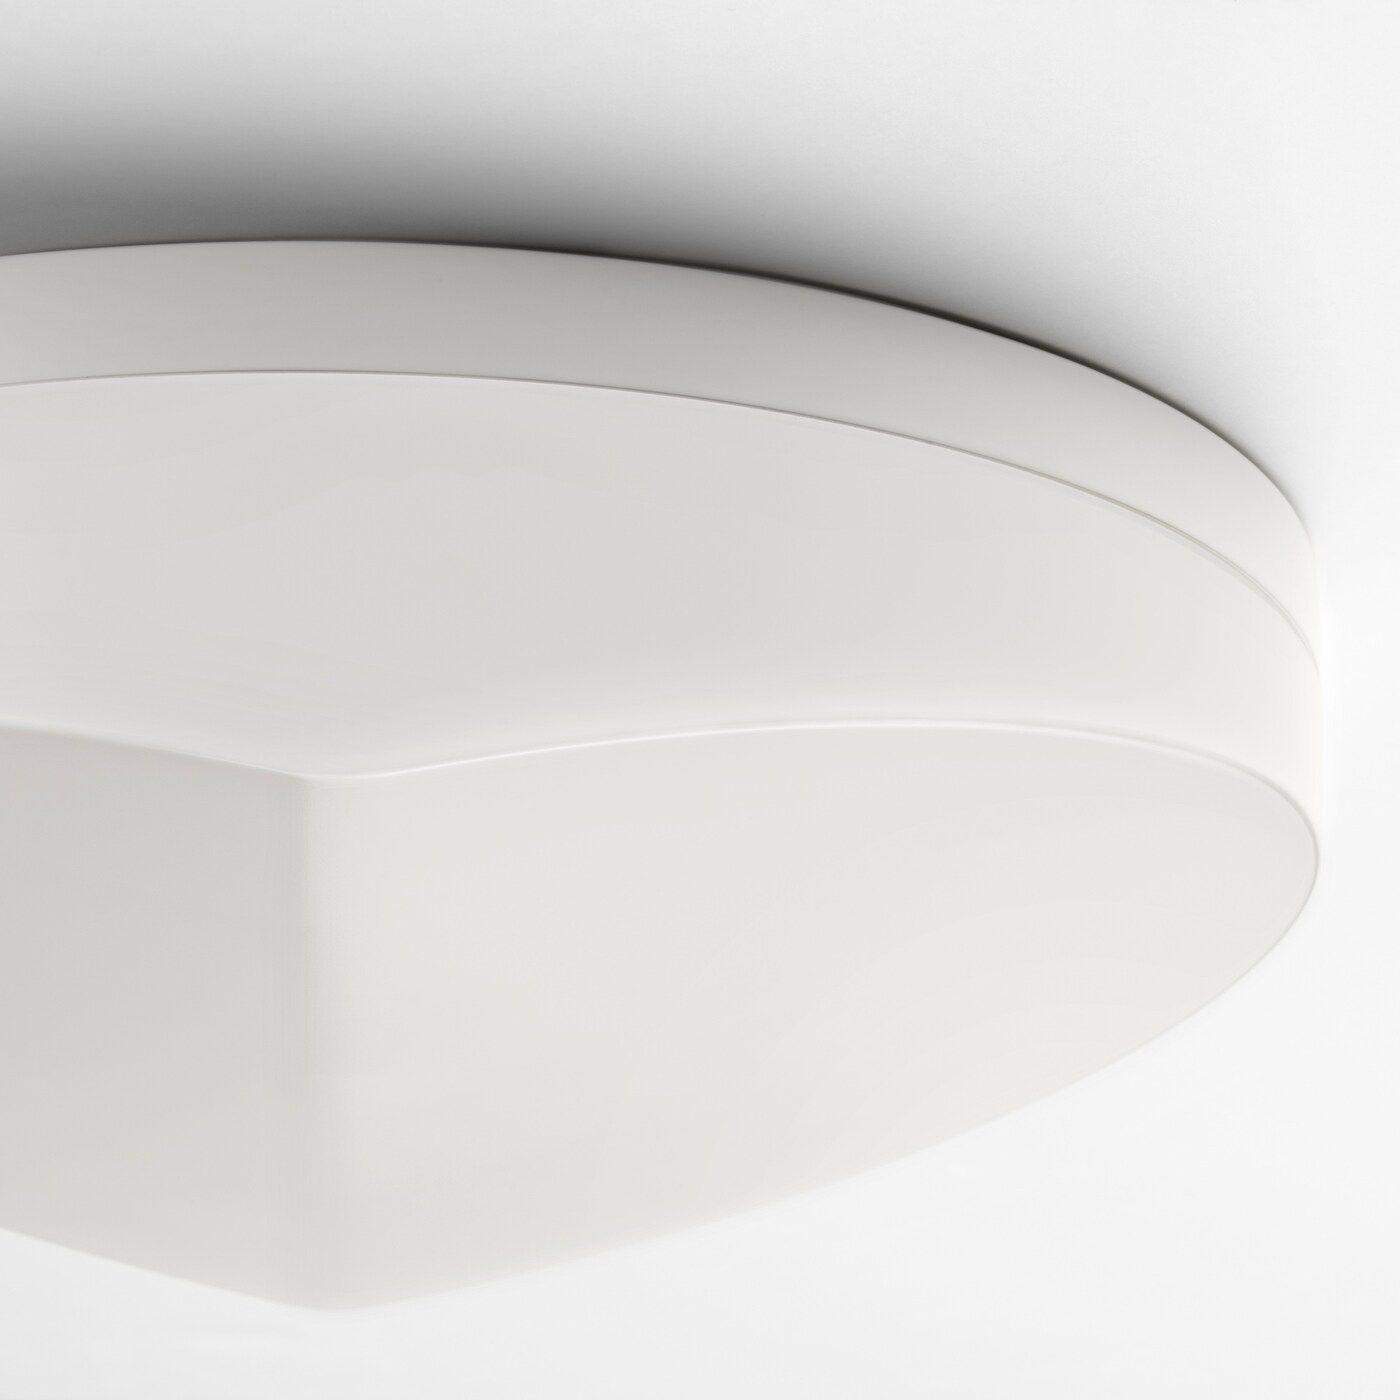 Full Size of Deckenlampe Ikea Svallis Deckenleuchte Deckenlampen Für Wohnzimmer Küche Kosten Sofa Mit Schlaffunktion Bad Betten Bei Modulküche Esstisch Modern Wohnzimmer Deckenlampe Ikea